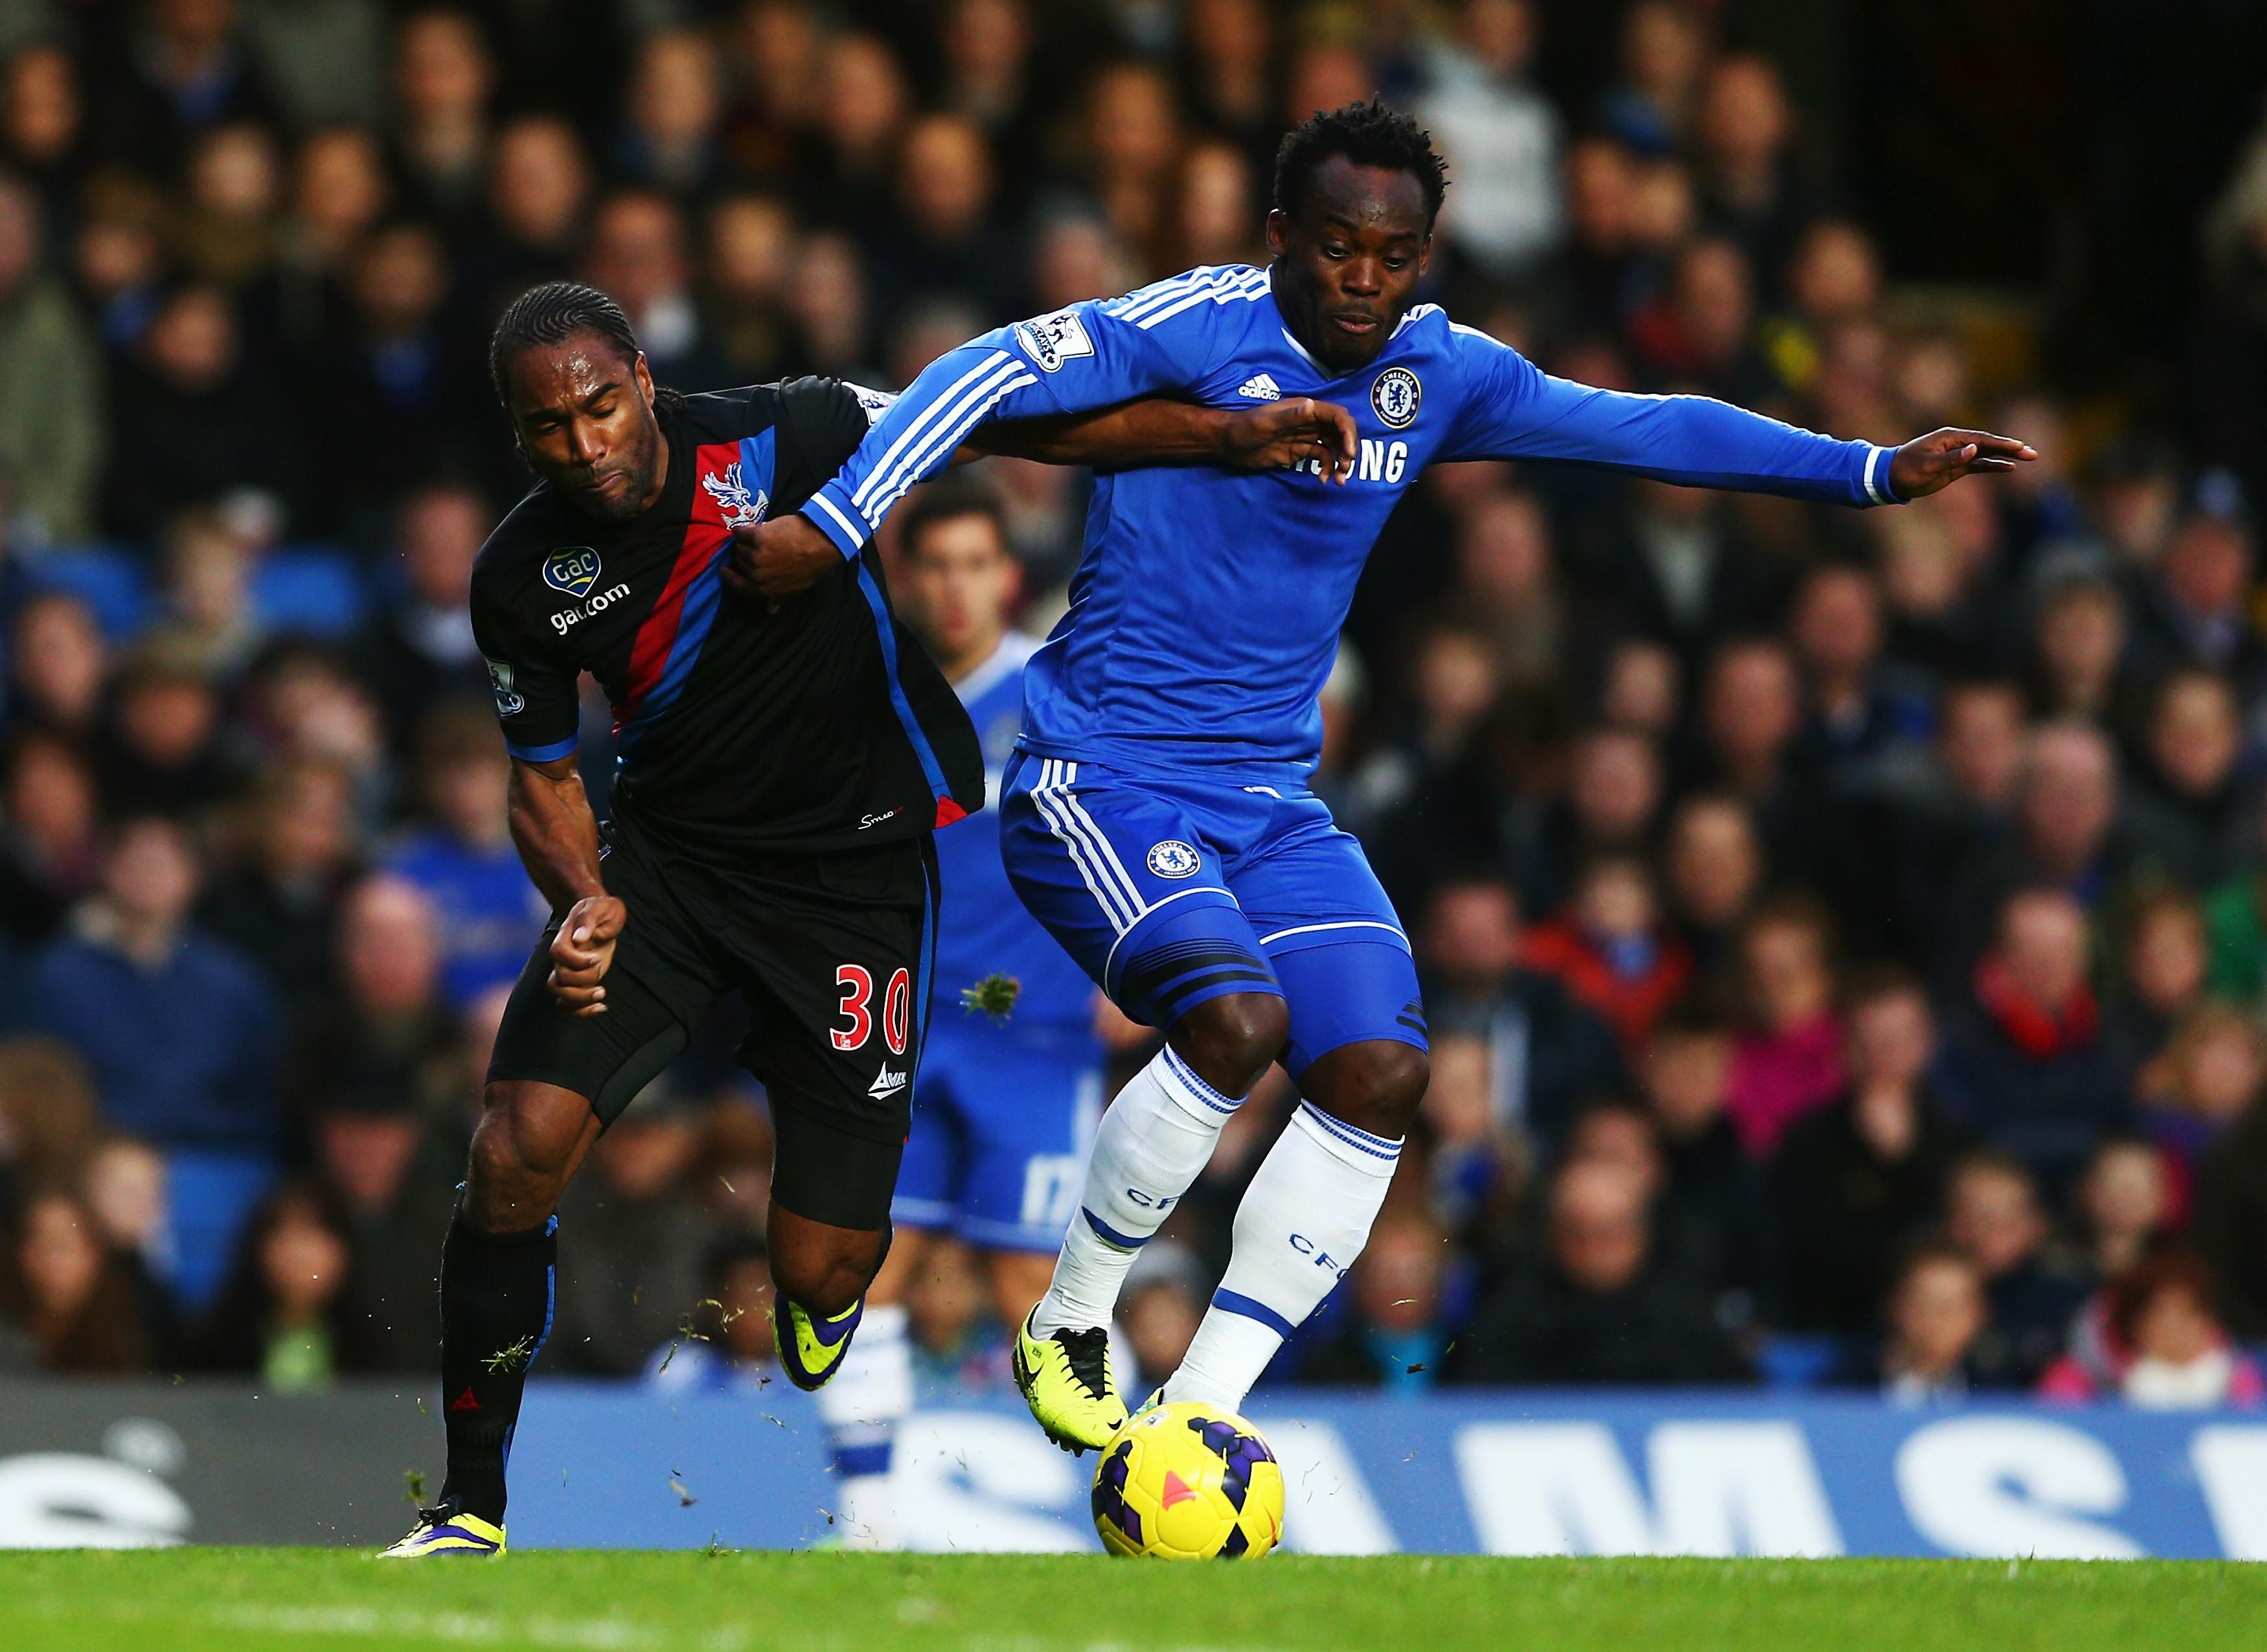 Chelsea-v-Crystal-Palace-Premier-League-1560373422.jpg